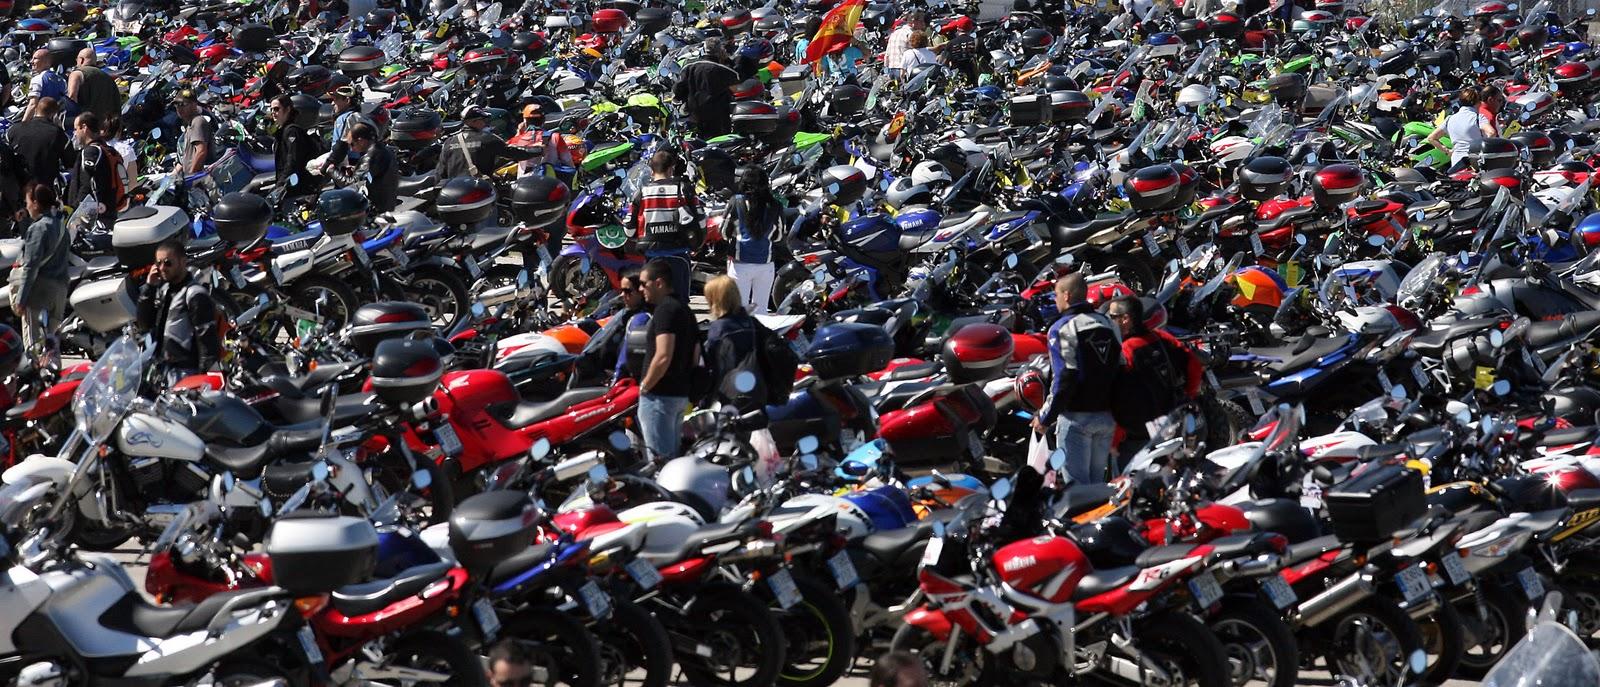 Juan carlos corchado campeonato motos en jerez 2010